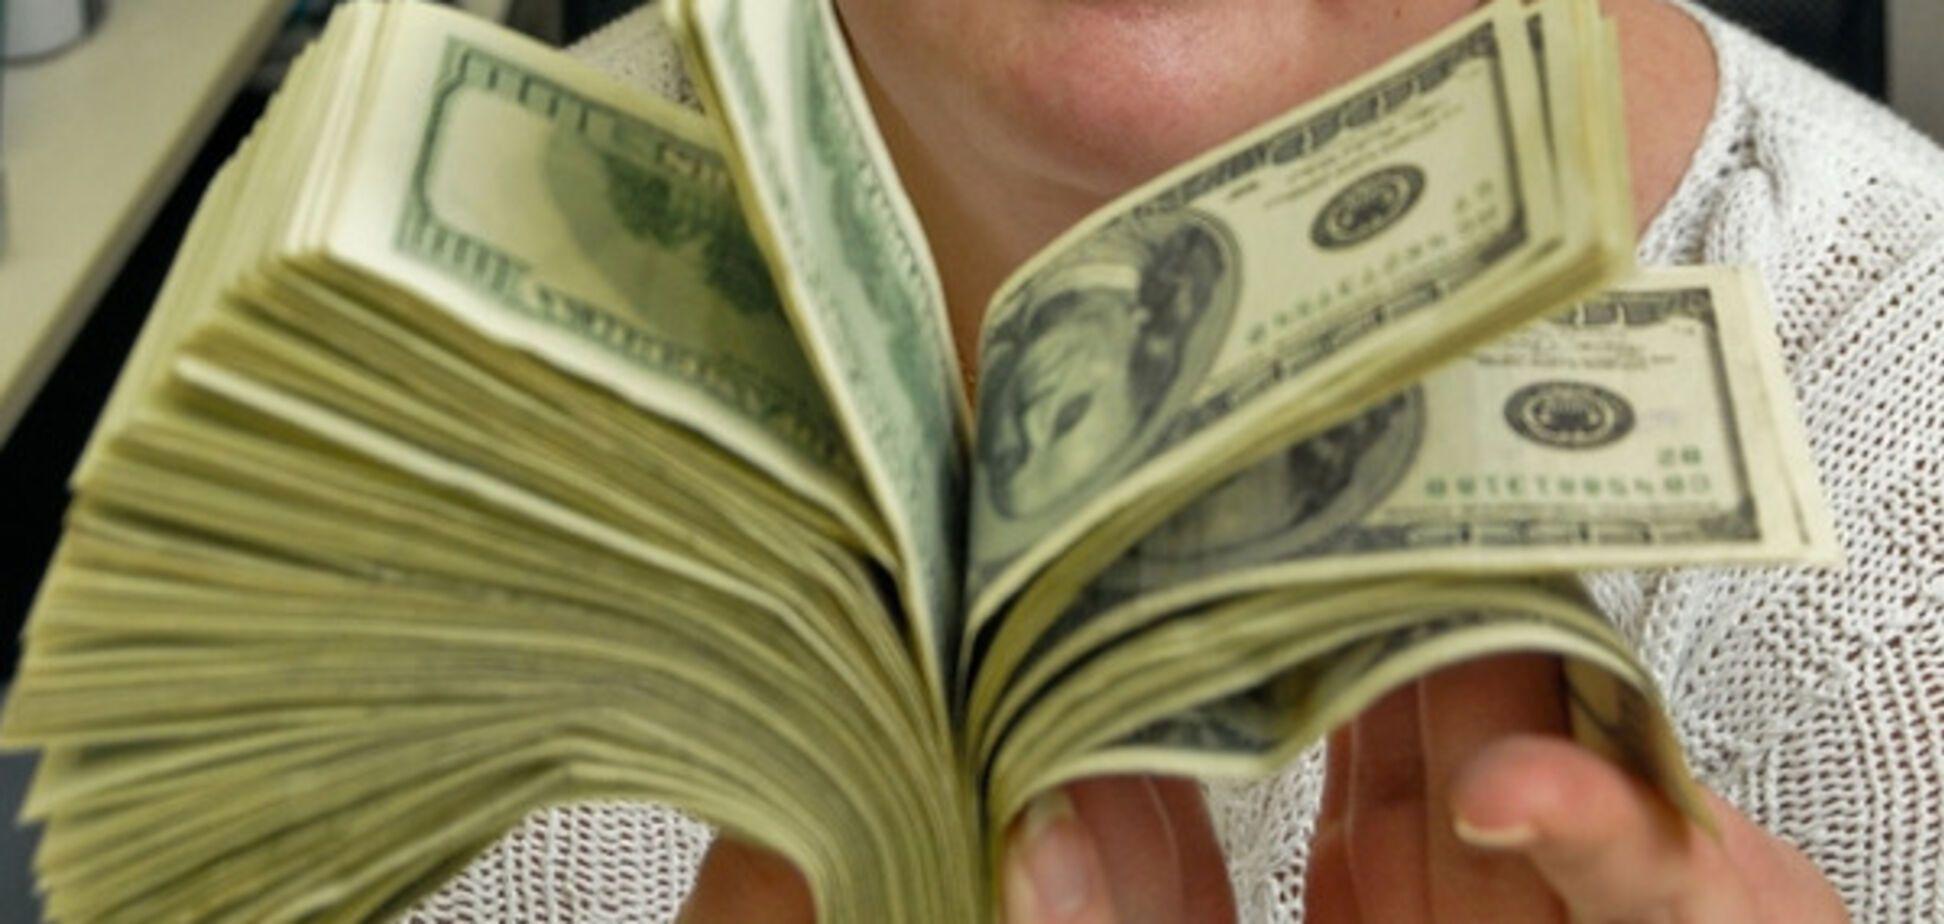 Коберник и партнеры заработали на школьных хрестоматиях 3 млн грн